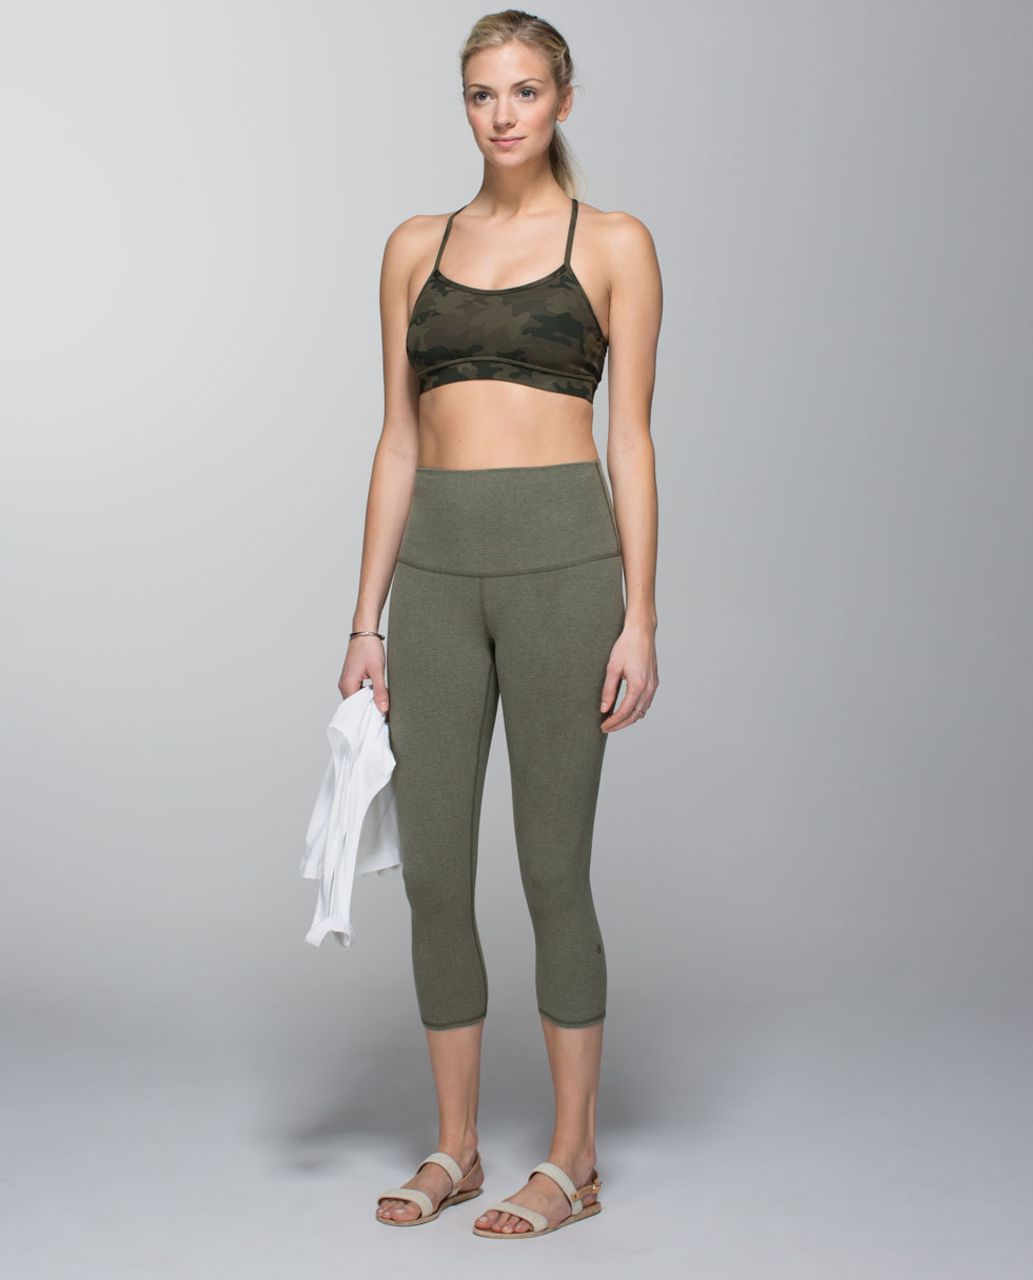 Lululemon Wunder Under Crop (Roll Down) *Cotton - Heathered Fatigue Green